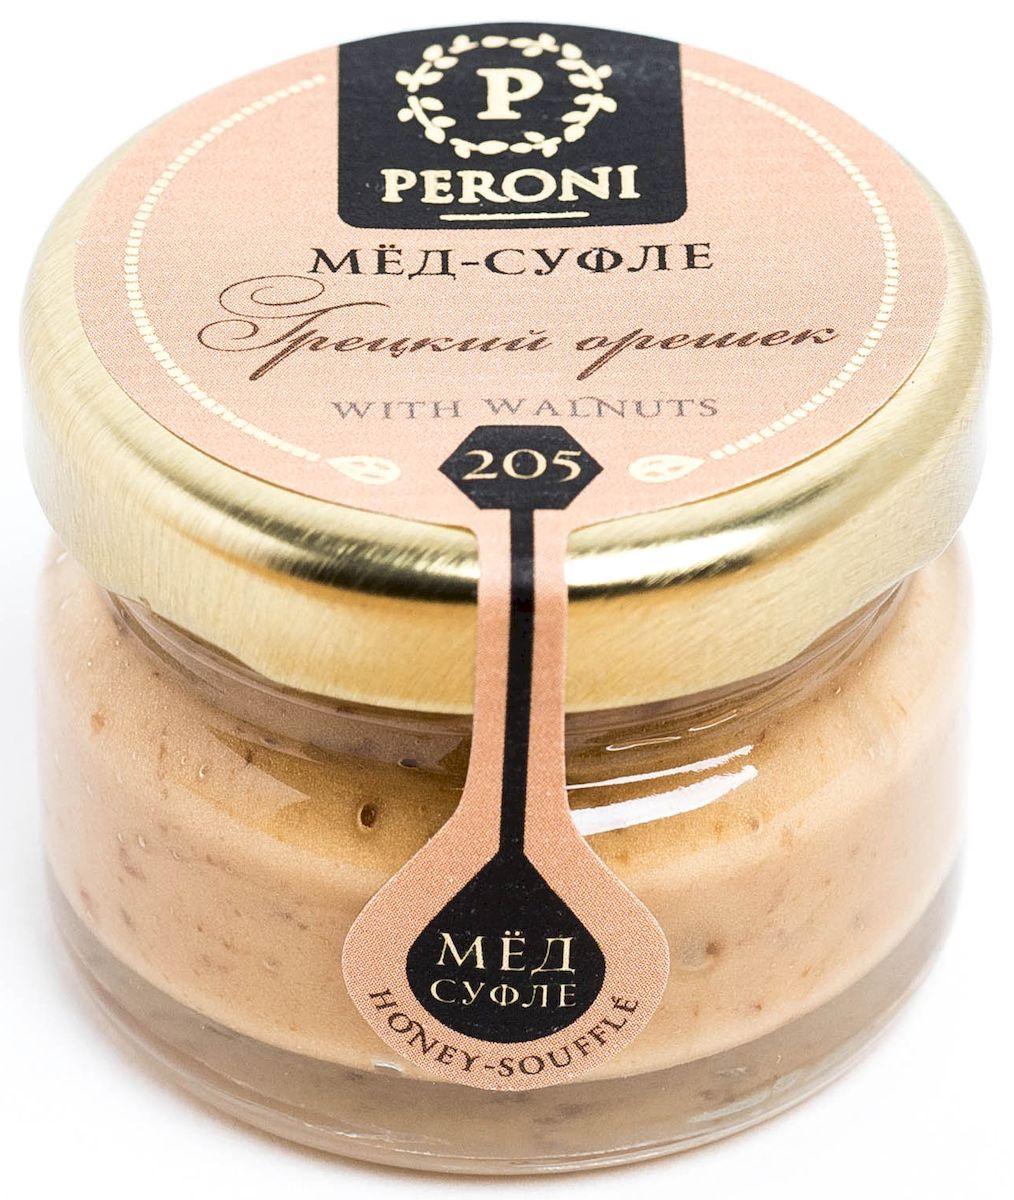 Peroni Грецкий орешек мёд-суфле, 30 г0120710Мед-суфле Peroni с грецким орешком - это настоящее удовольствие с большой буквы. Здесь есть всё - тонкая сладость и аромат гречишного меда, обволакивающая горчинка грецких орехов и карамельная нежность суфле. Именно это сочетание является одной из самых любовных смесей - повышает потенцию, очень полезно как для женщин, так и для мужчин. Рекомендуется употреблять в день не более 50 грамм.Для получения меда-суфле используются специальные технологии. Мёд долго вымешивается при определенной скорости, после чего его выдерживают при температуре 12-14 градусов по Цельсию, тем самым закрепляя его нужную консистенцию. Все полезные свойства меда при этом сохраняются.Внимание, уважаемые клиенты! Будьте аккуратны, так как в продукте может встречаться скорлупа от грецких орехов.